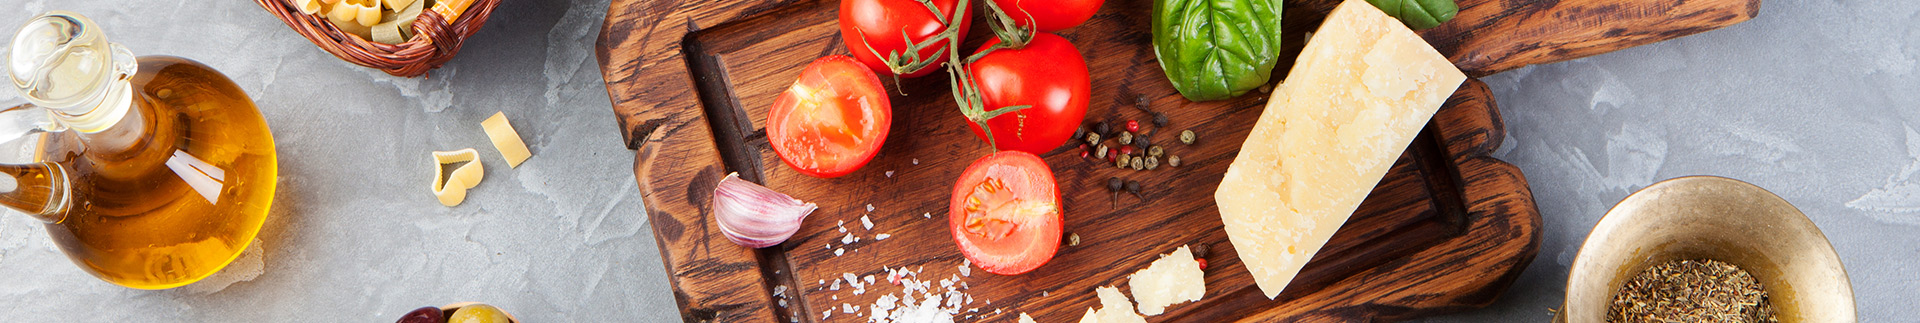 culinary-farms-lp-header